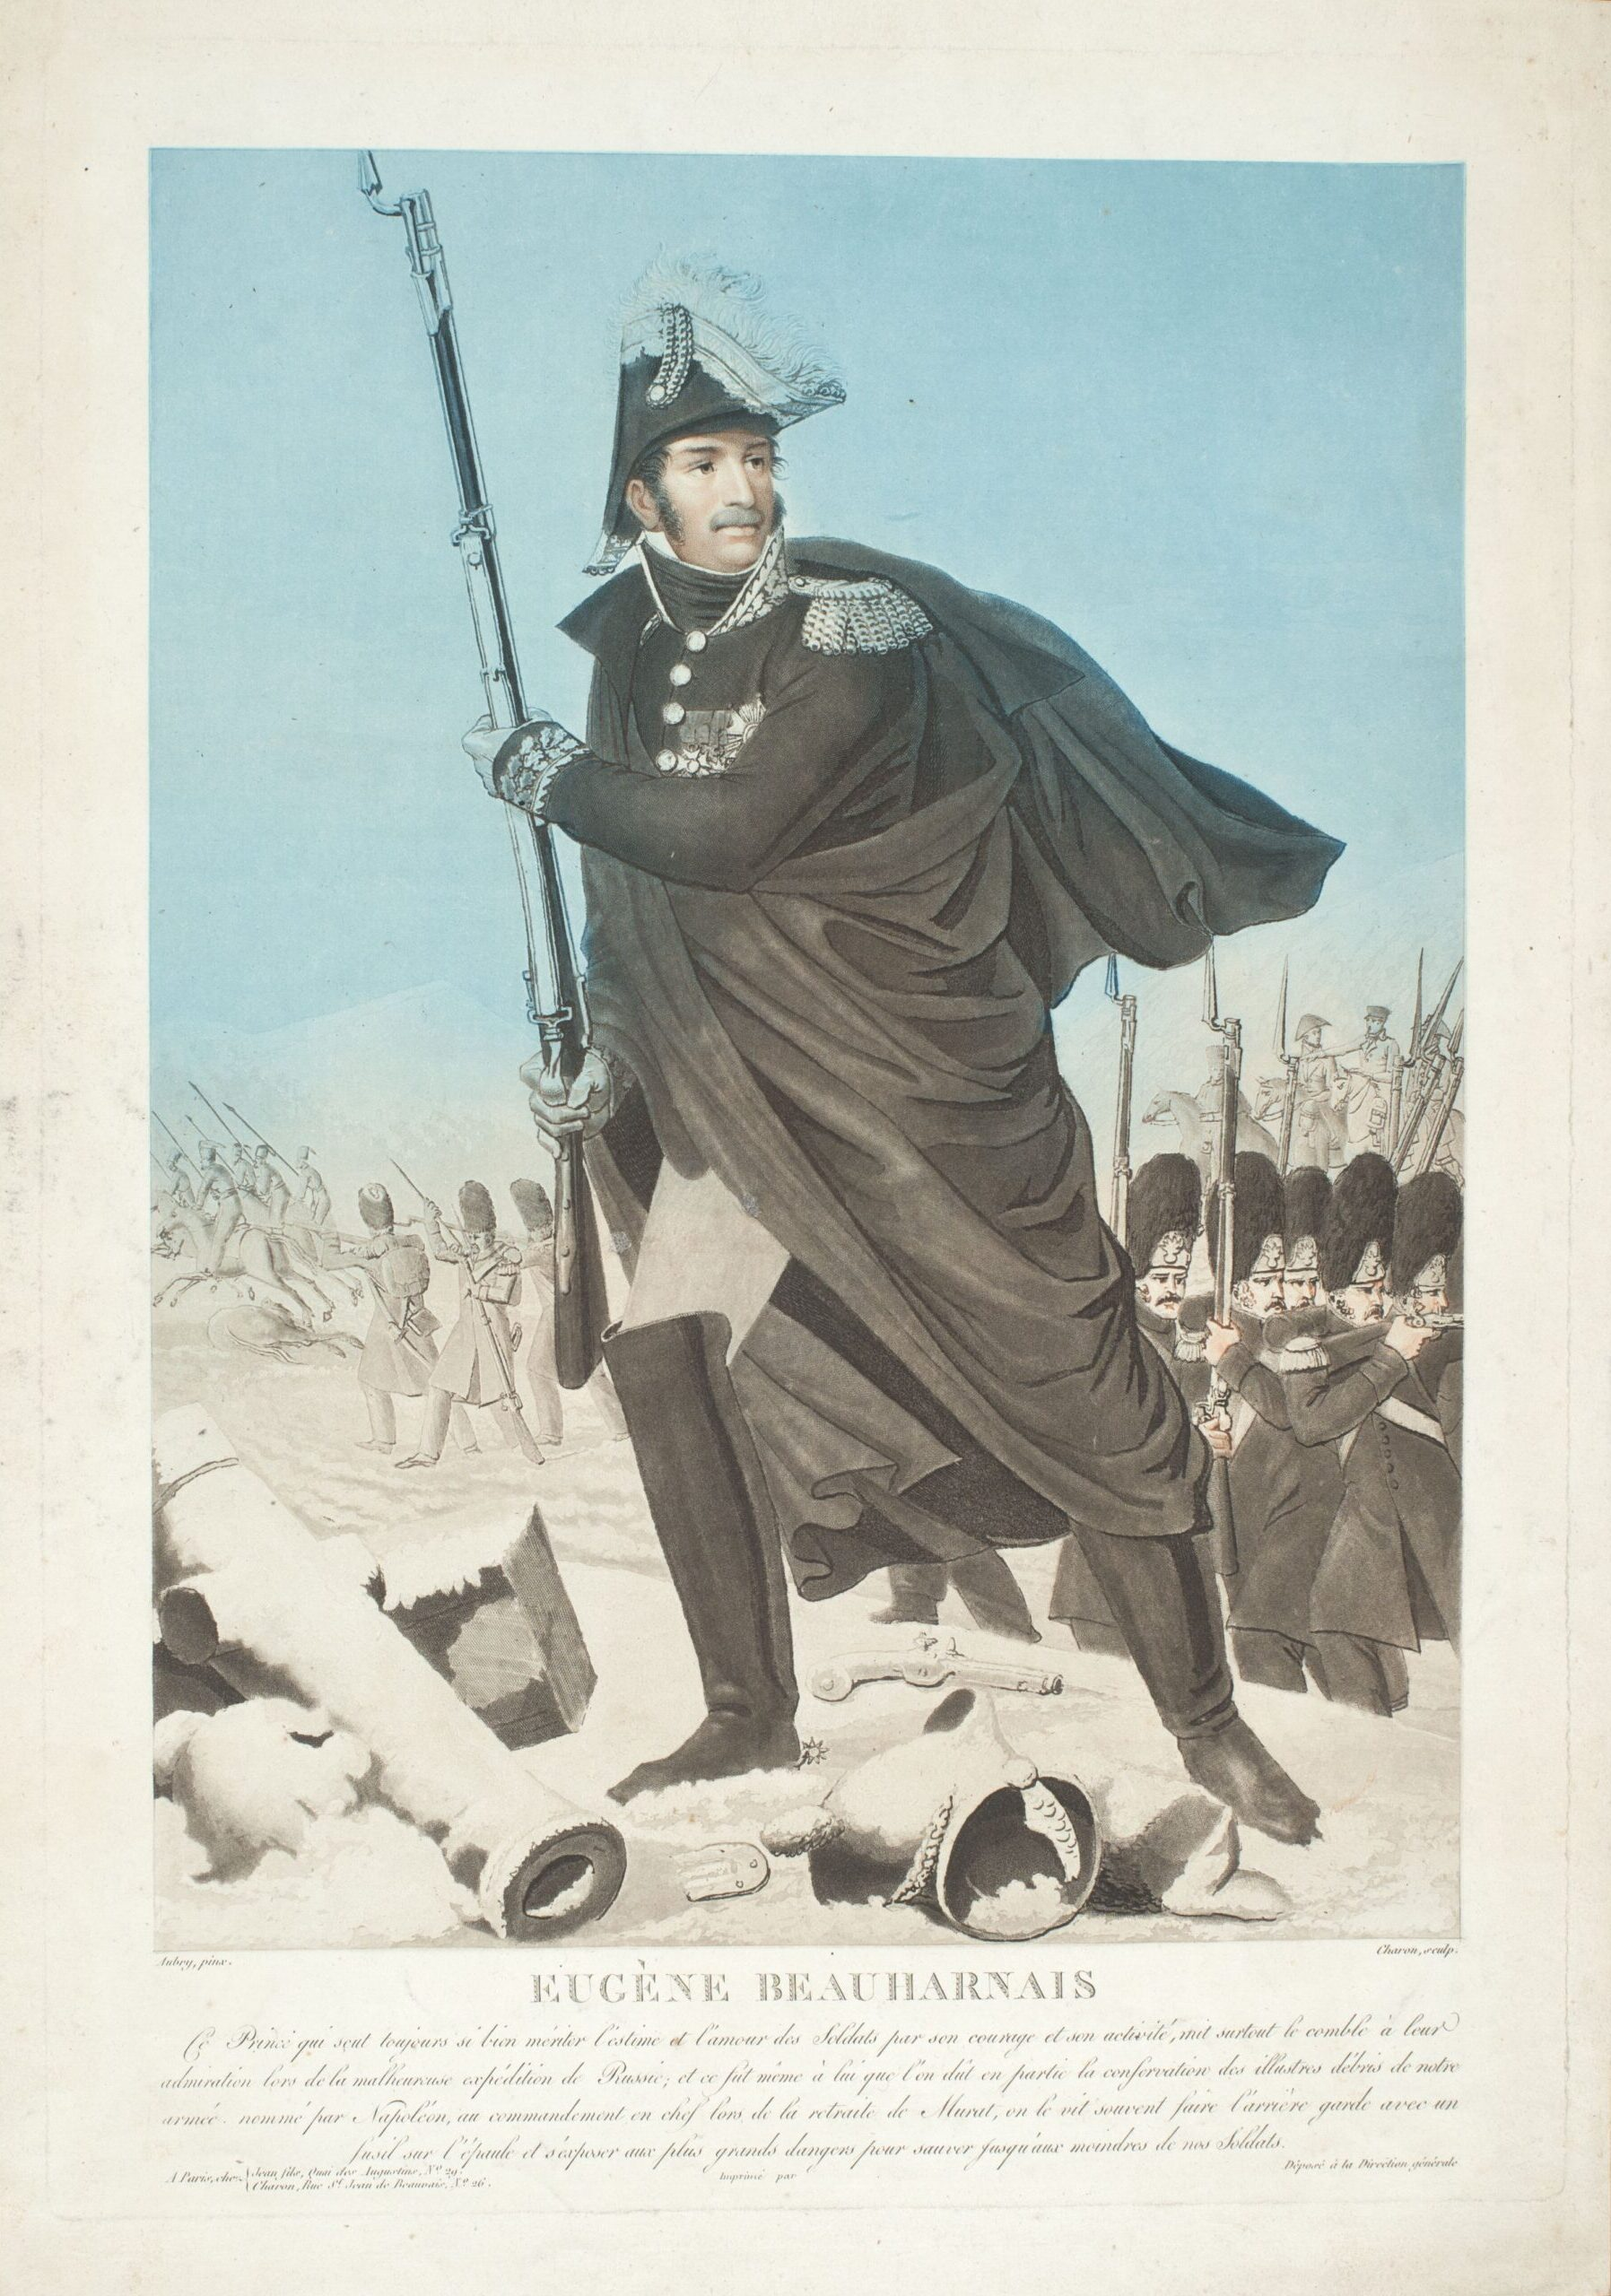 Портрет бригадного генерала Е.Богарне Гравюра Л.Ф. Шарона по оригиналу Л.Ф. Обри, до 1823